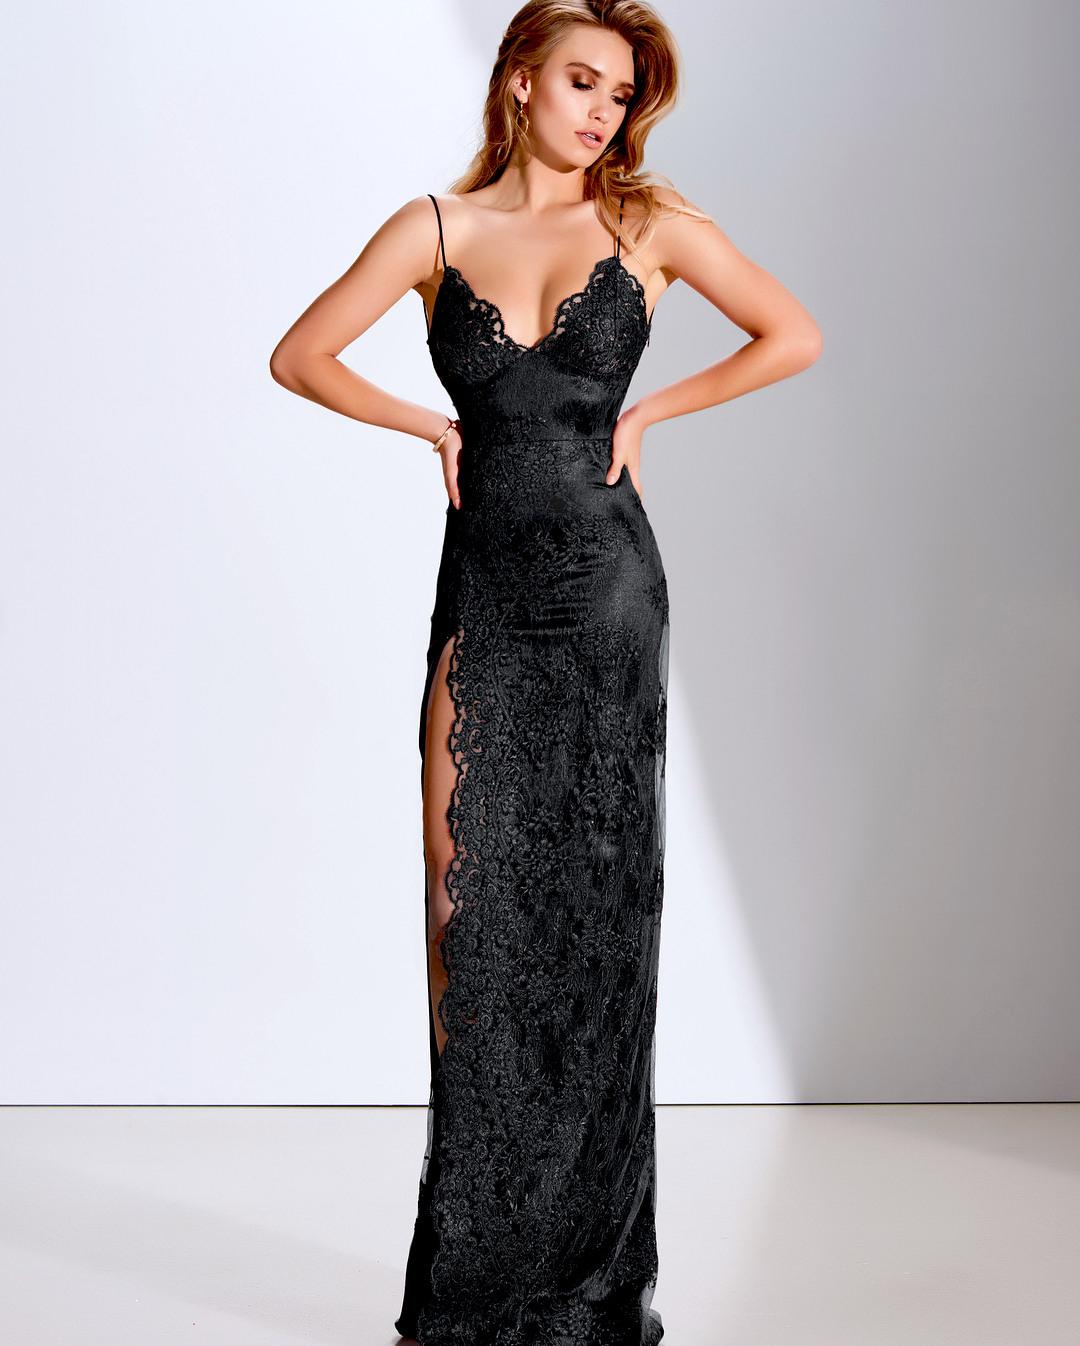 20 Top Abendkleid Elegant Lang Vertrieb13 Ausgezeichnet Abendkleid Elegant Lang Galerie